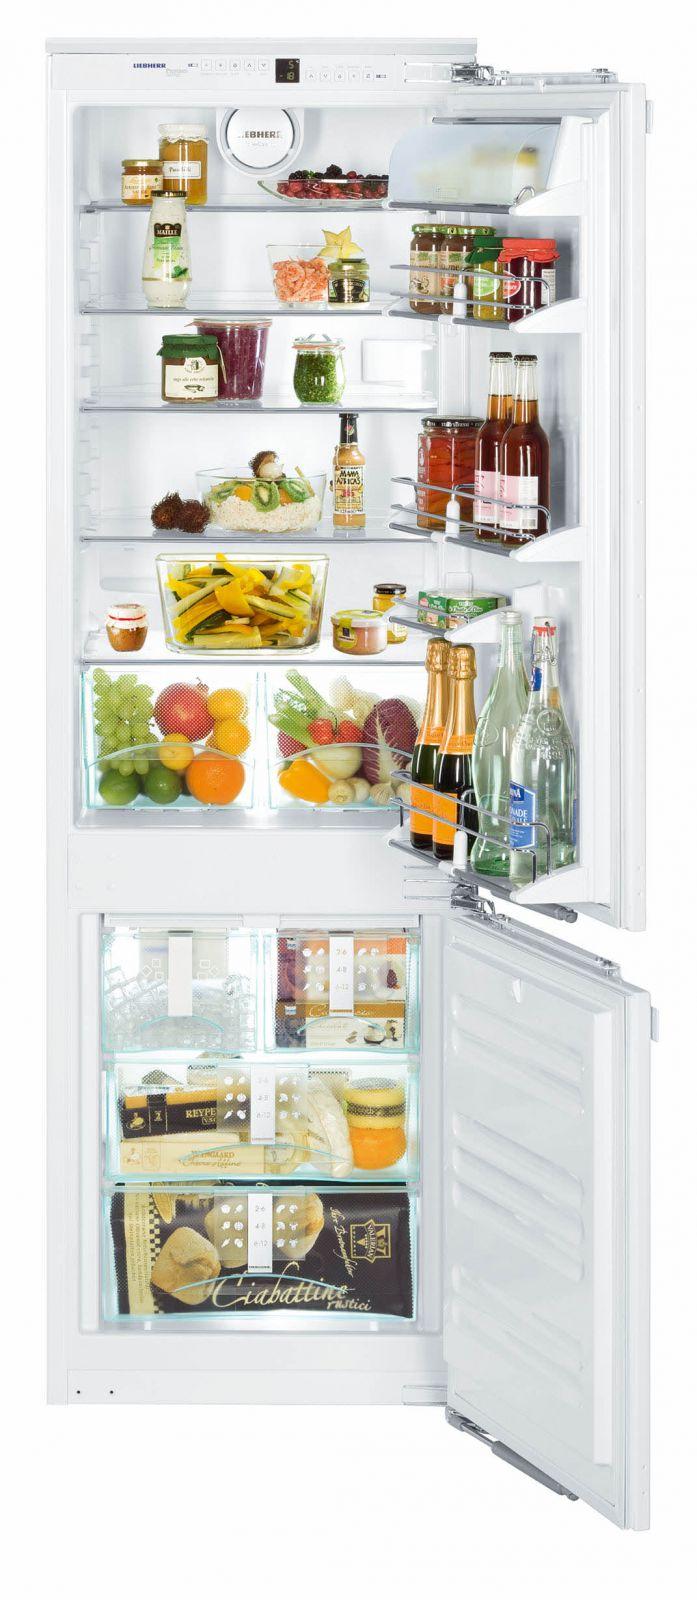 купить Встраиваемый комбинированный двухкамерный холодильник Liebherr ICN 3066 Украина фото 0